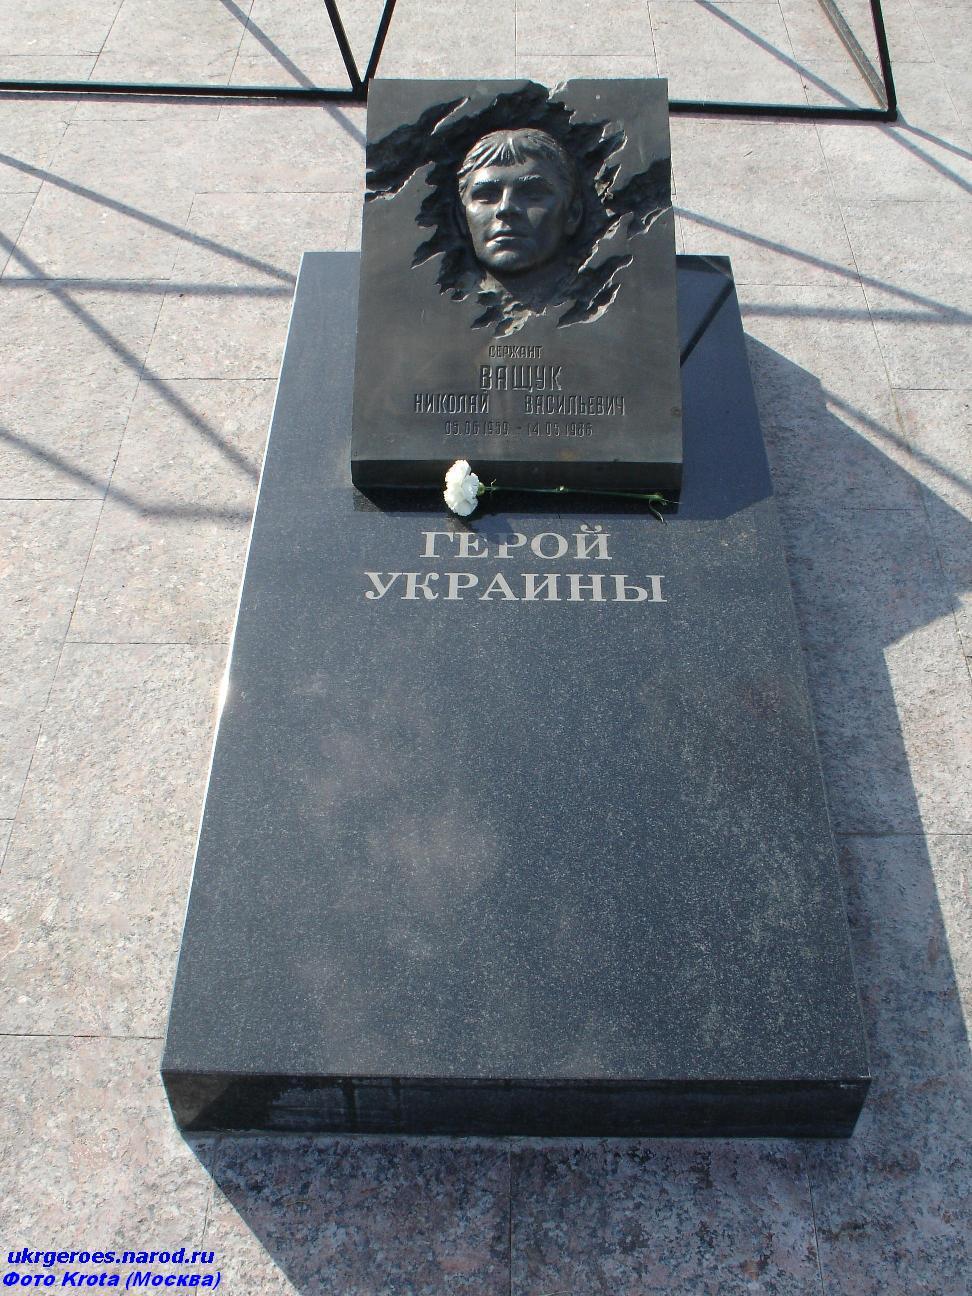 Ващук Микола Васильович. Москва. Митинське кладовище